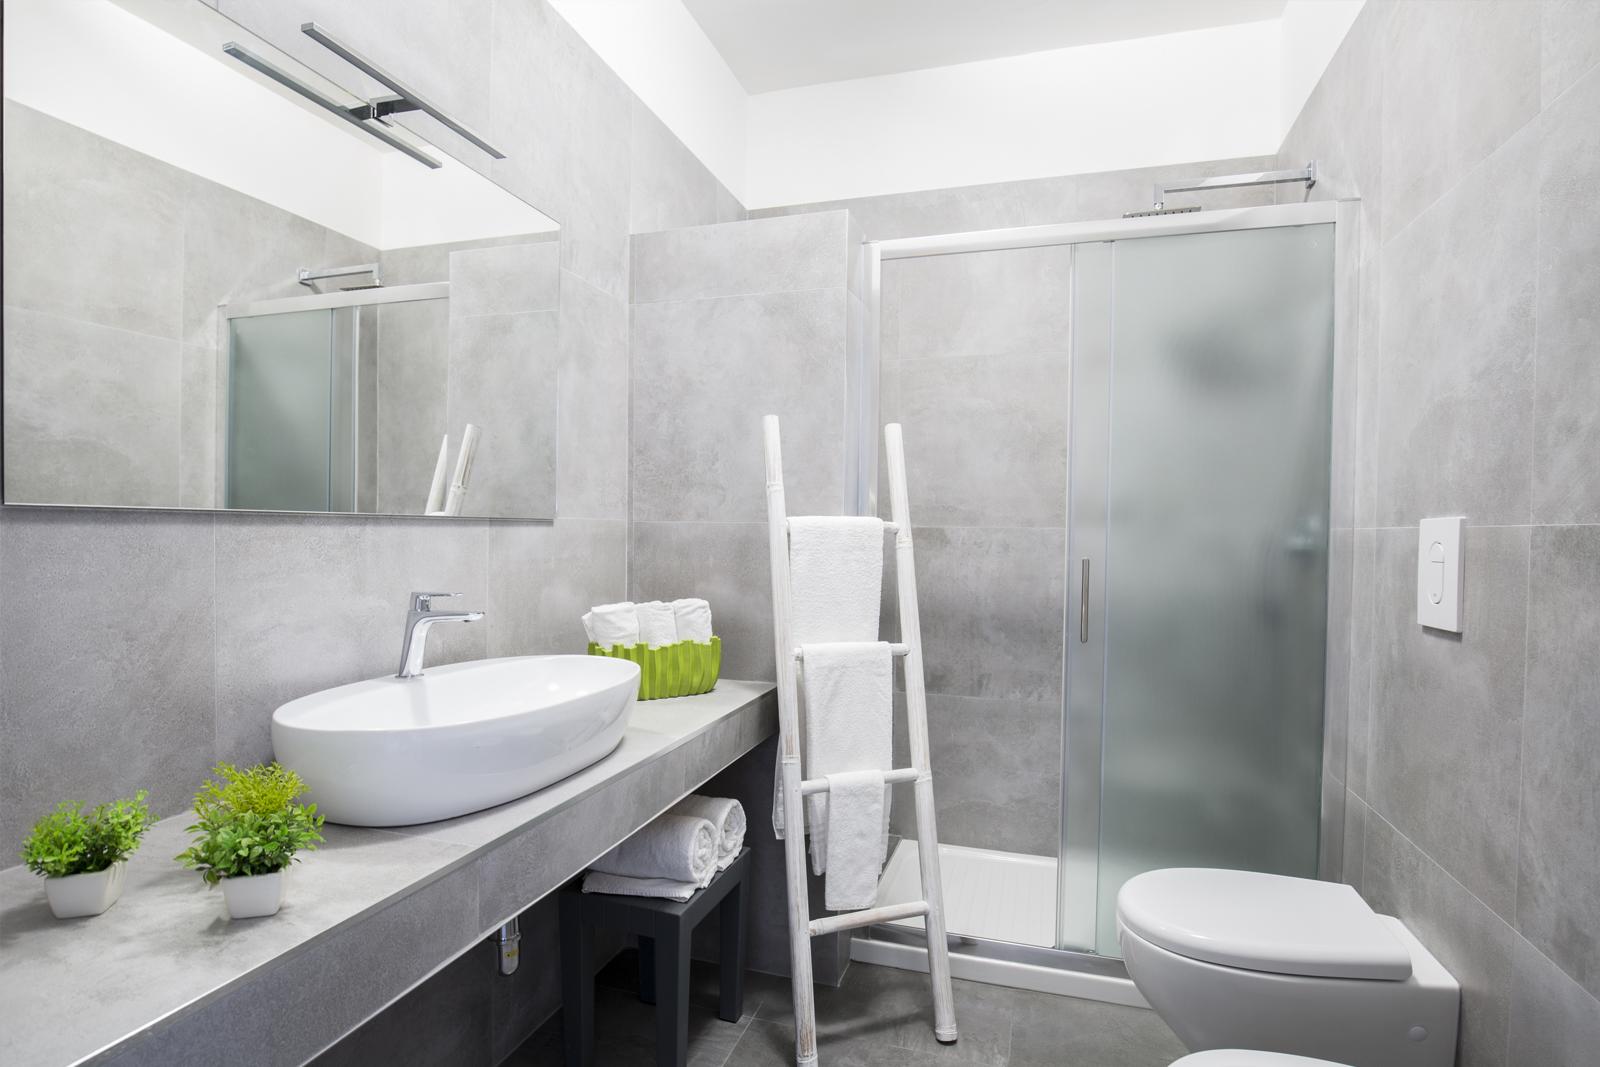 bagno - svevo vieste - appartamenti a vieste